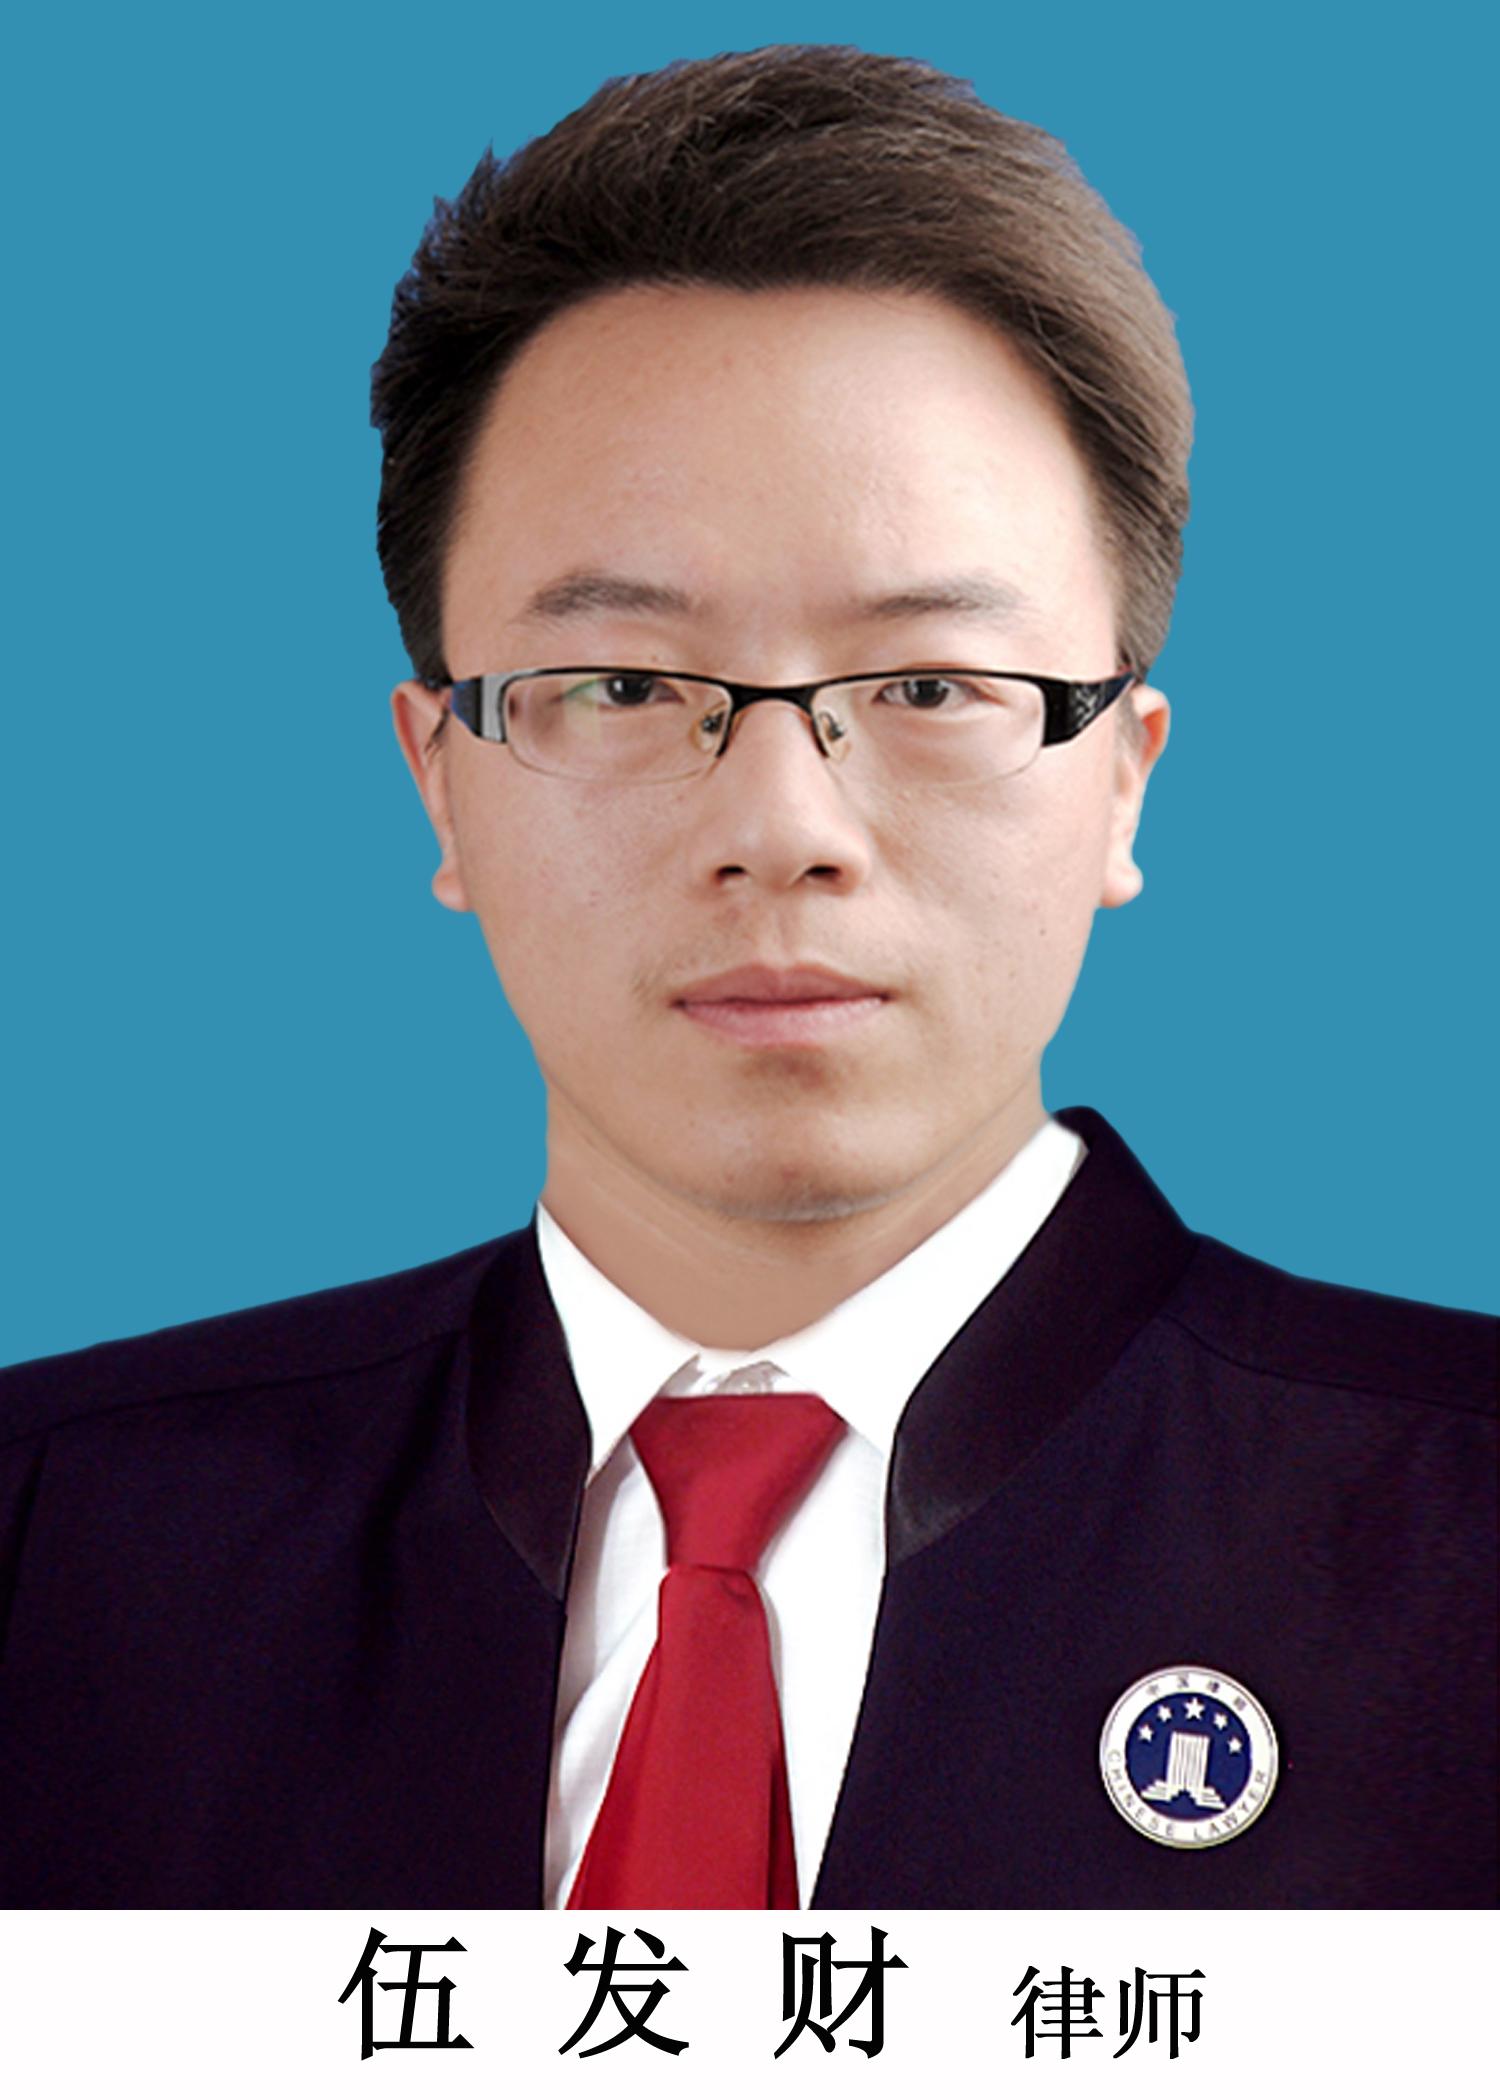 荊州律師-伍發財